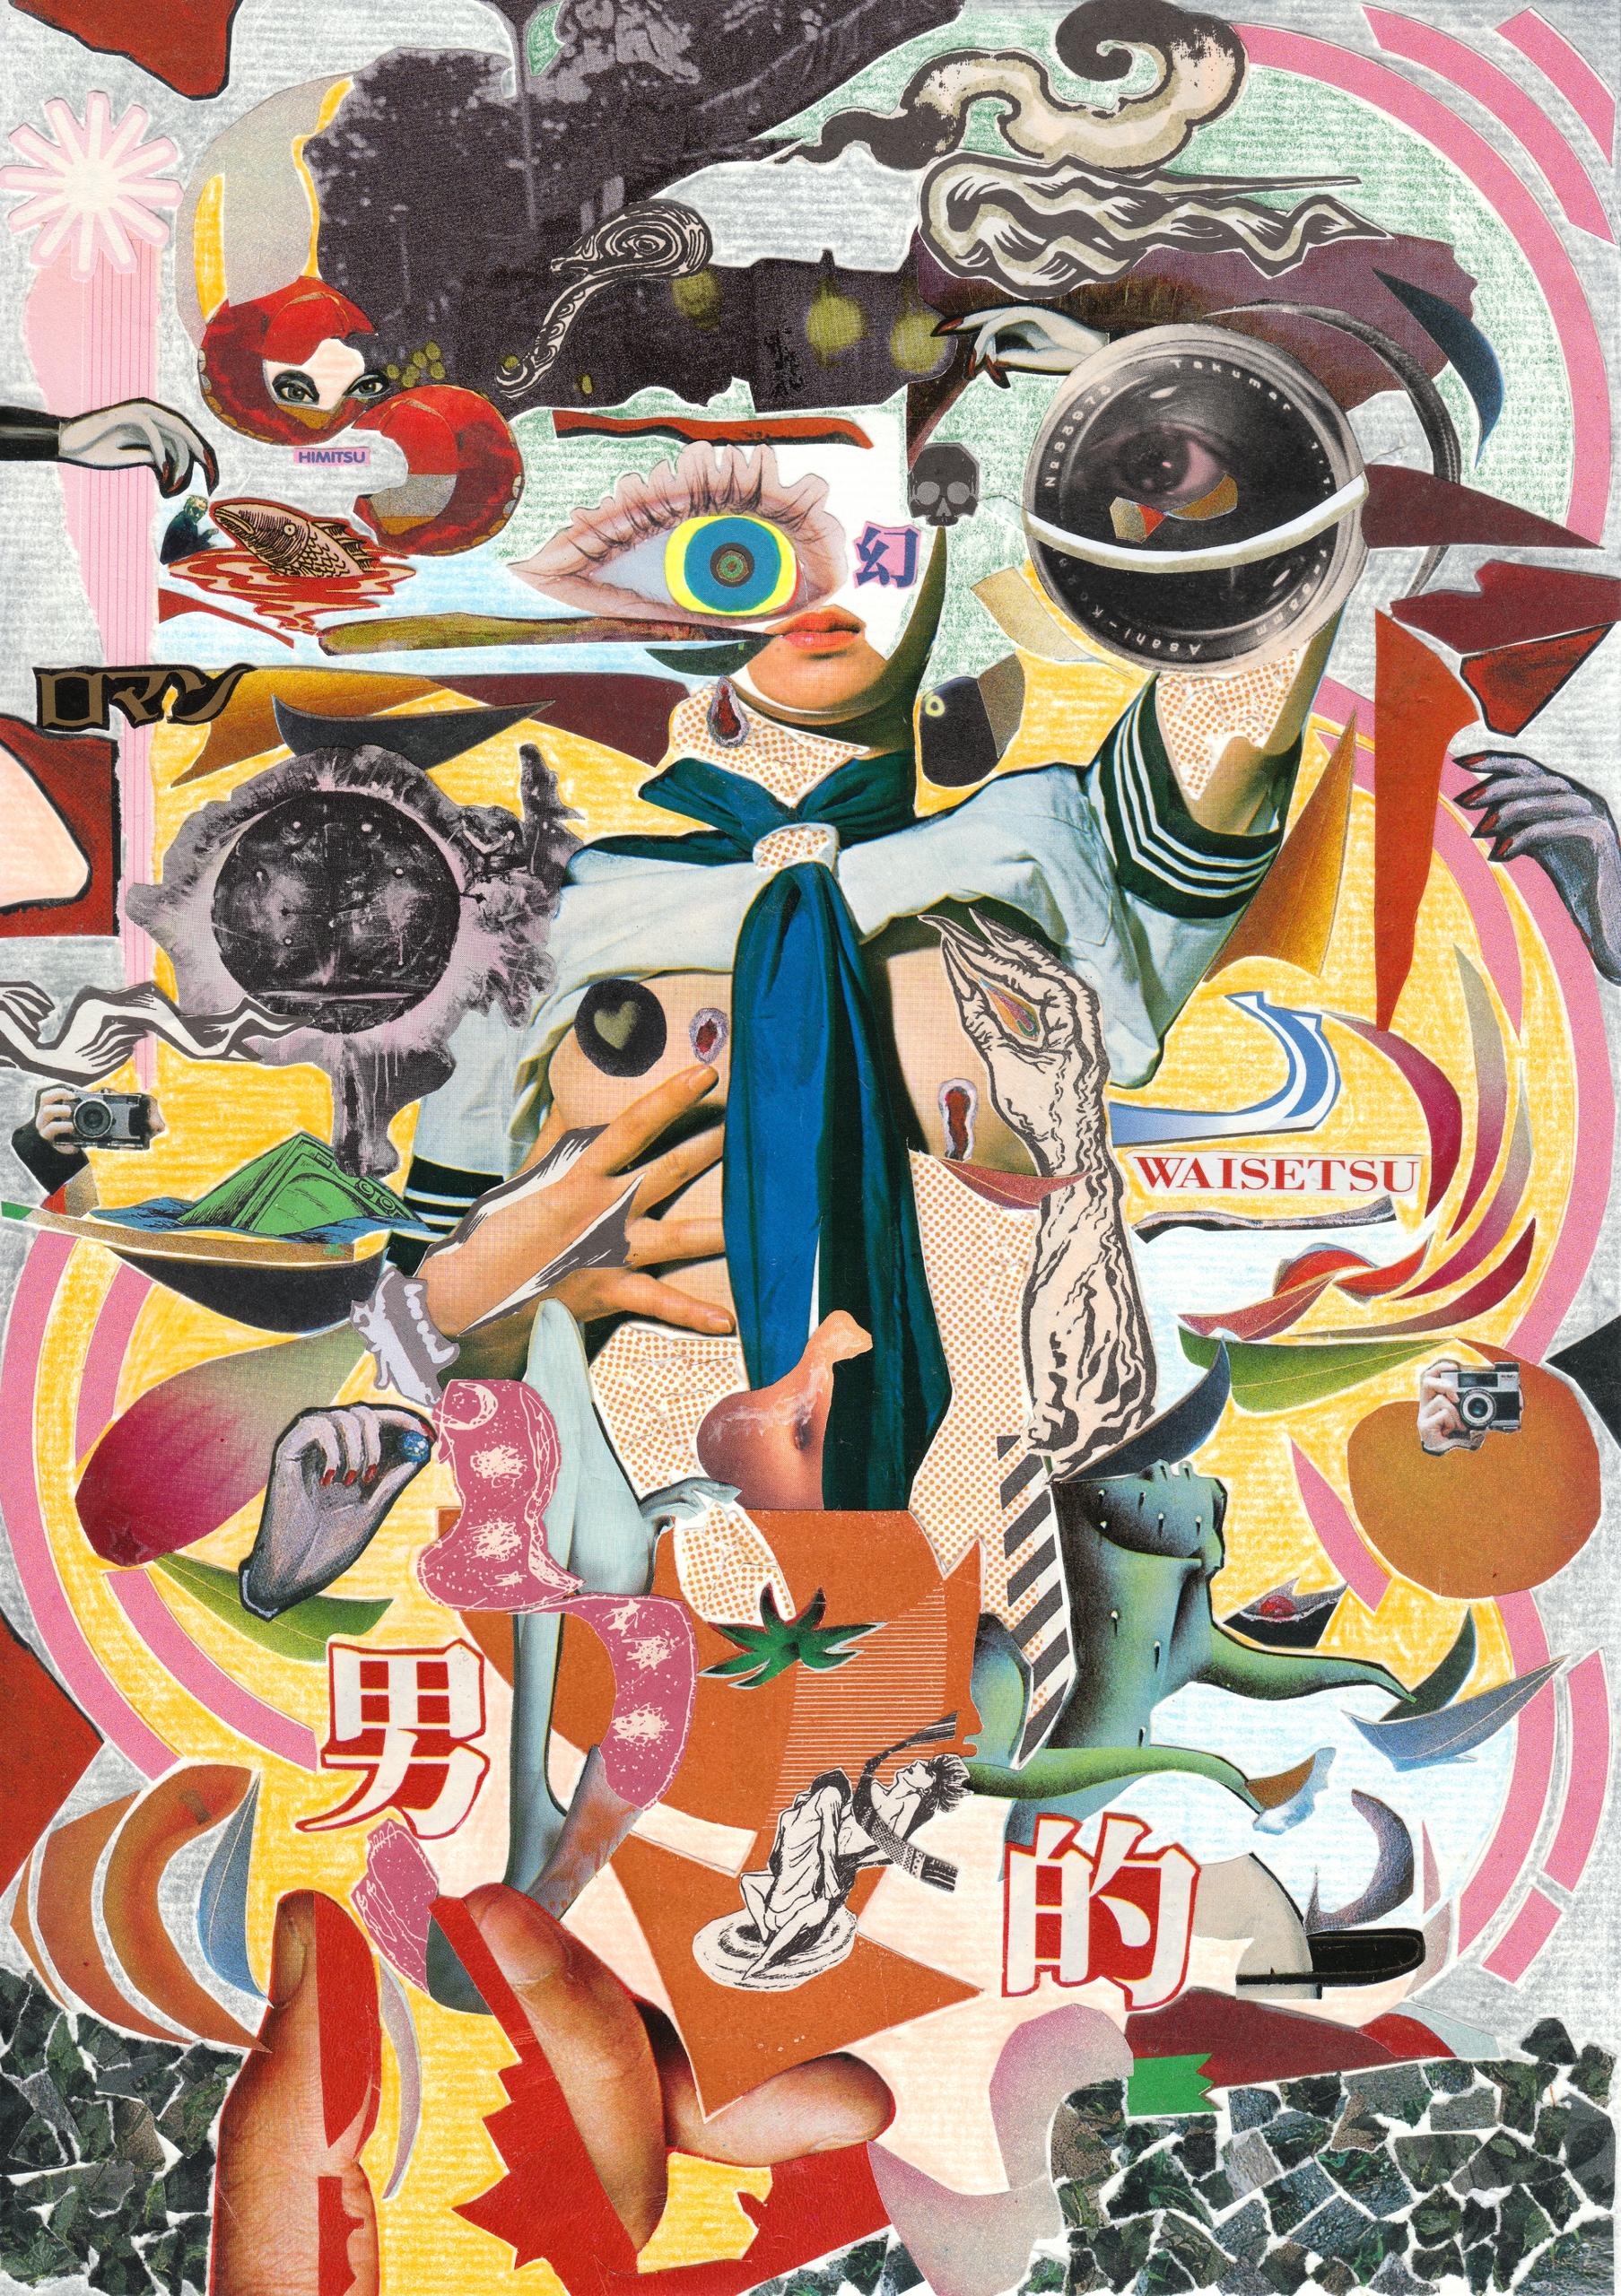 kajitsu handmade collage + pain - tsun-zaku | ello